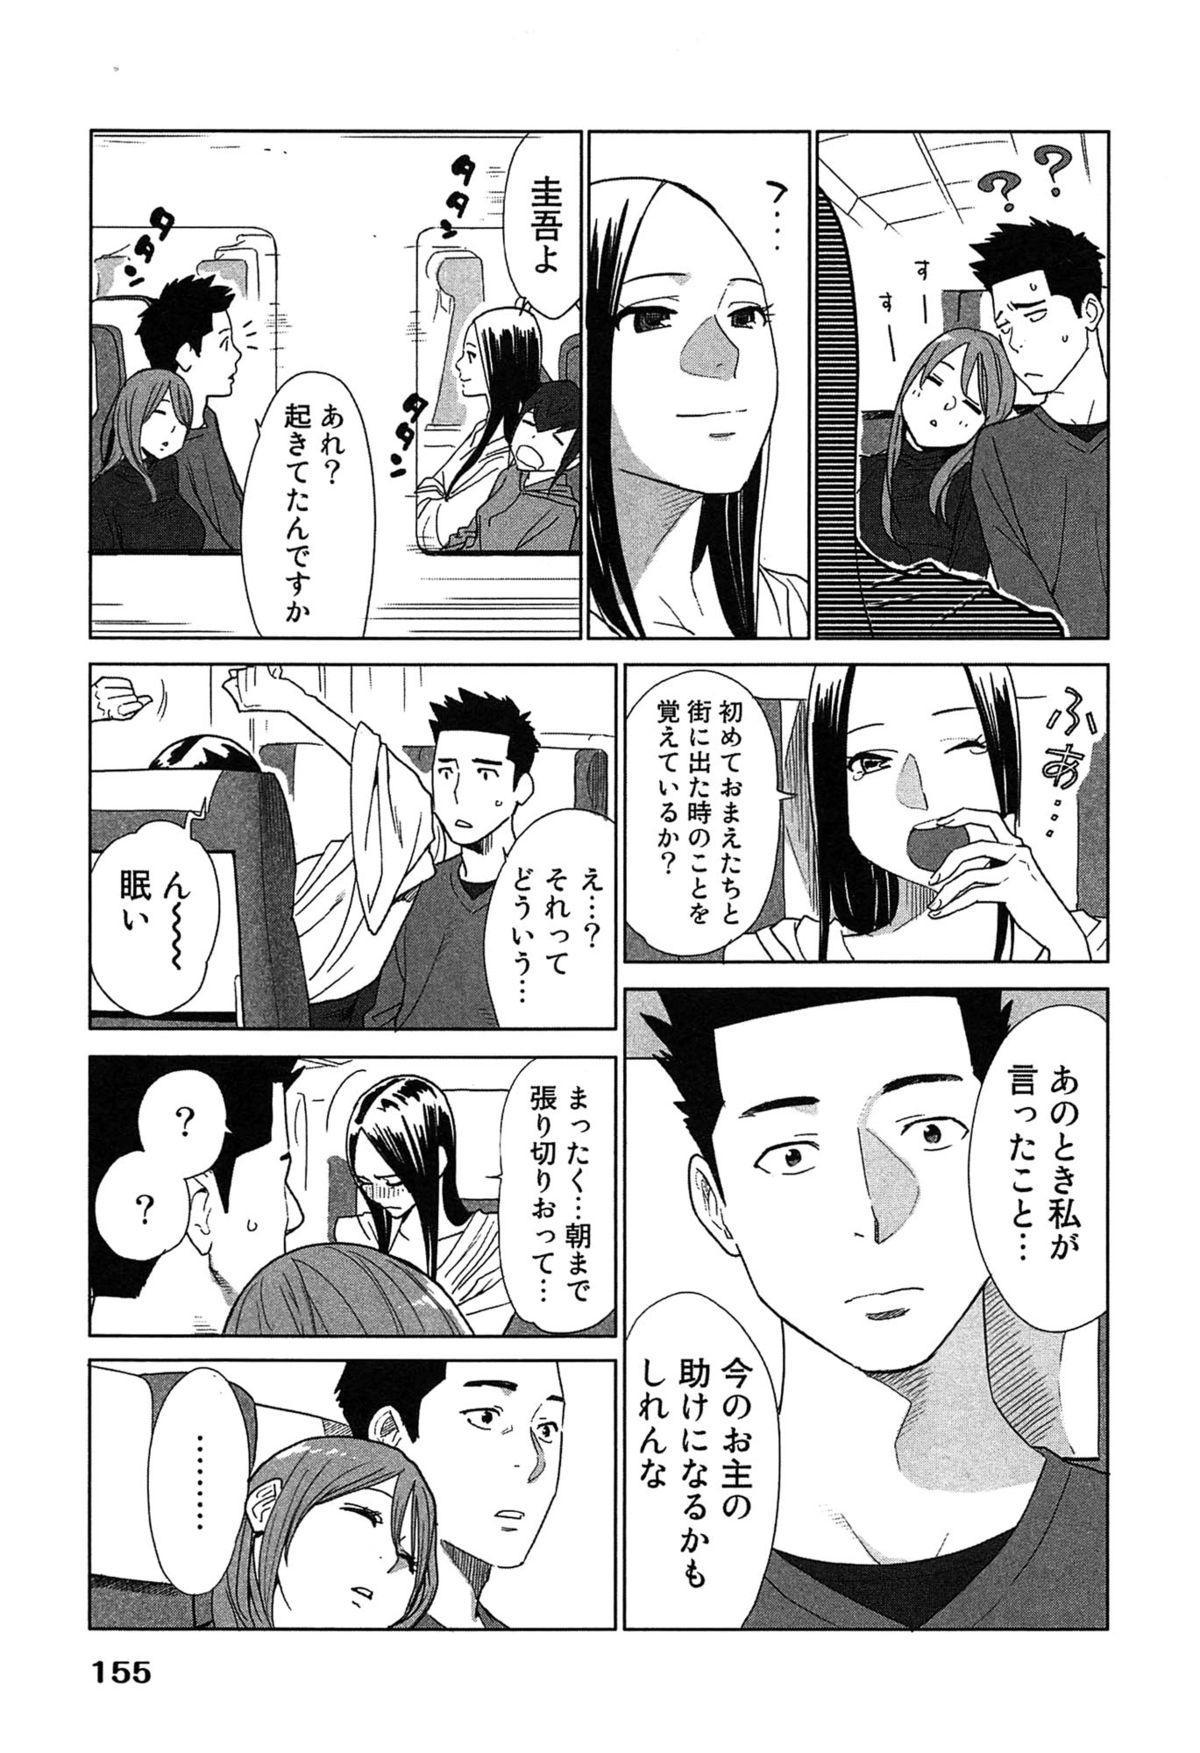 Megami to Ichinen Kura Shite Mita. 2 158